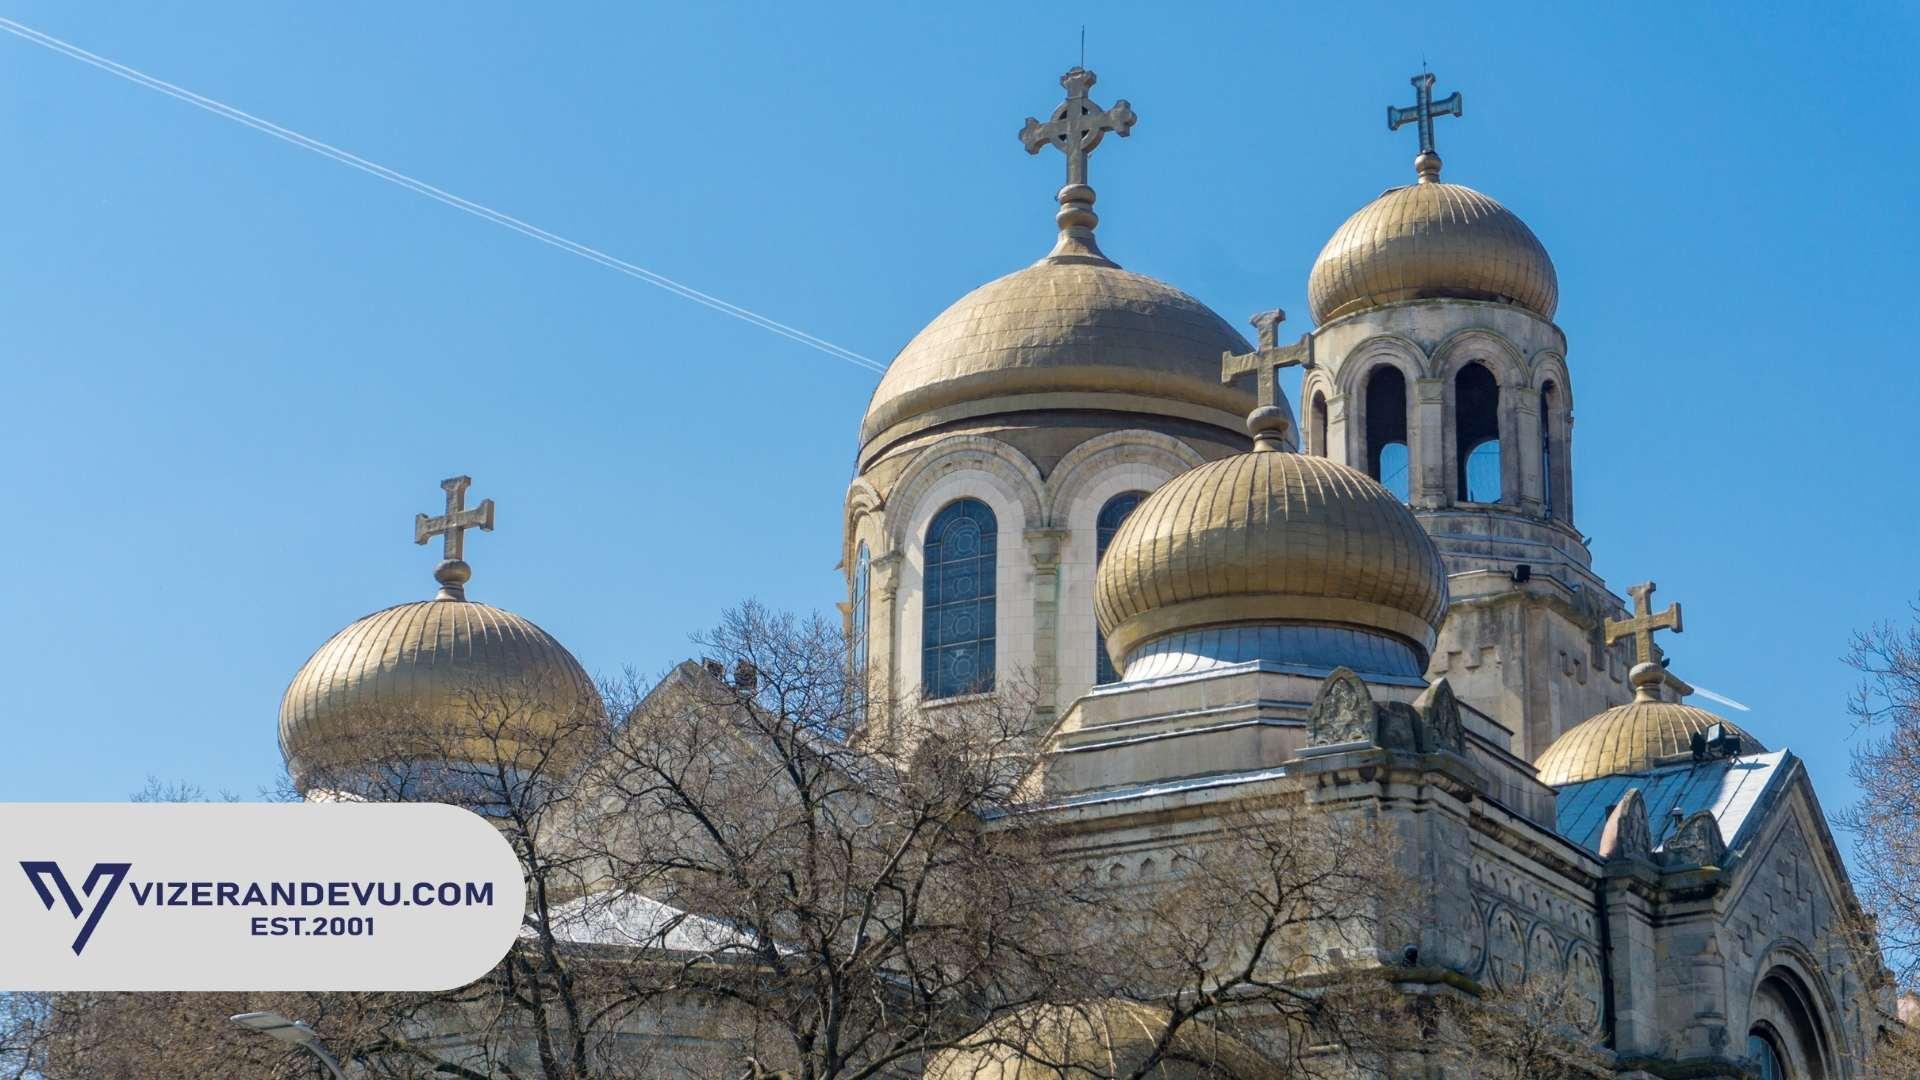 Bulgaristan Vizesinden Muaf Olan Ülkeler